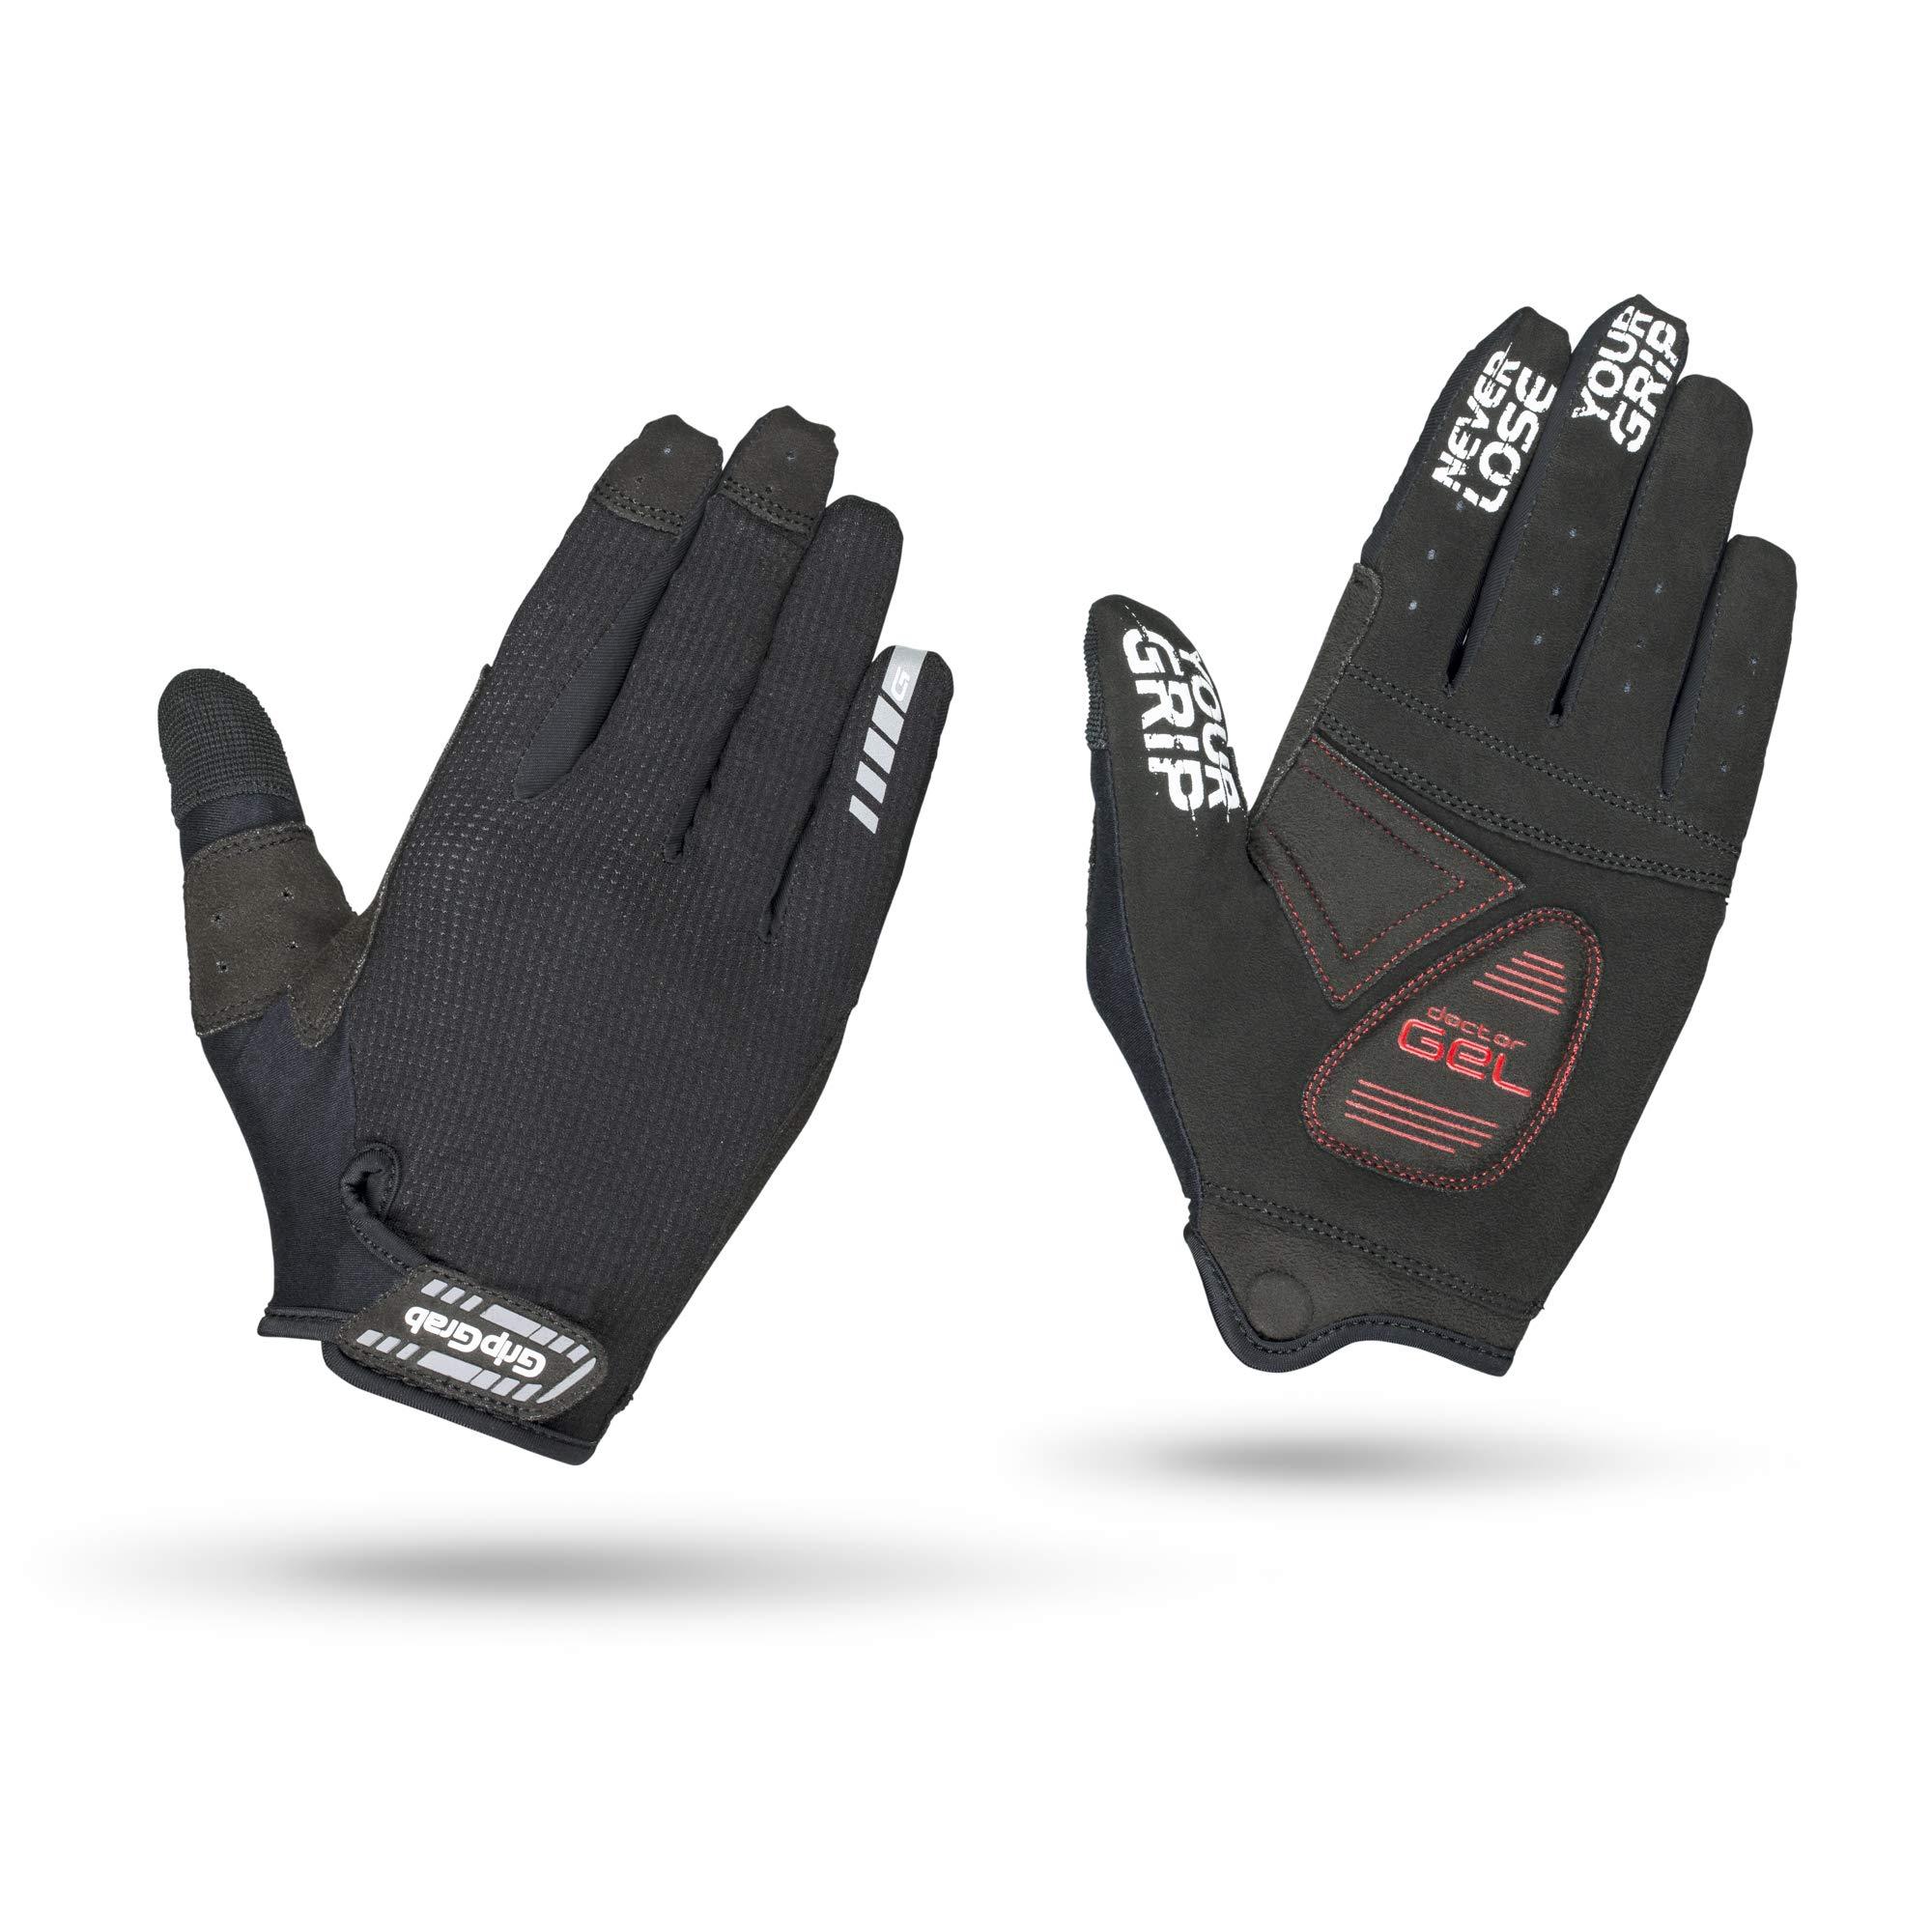 GripGrab Radsport Womens Shark Geplosterter Langfinger Handschuh